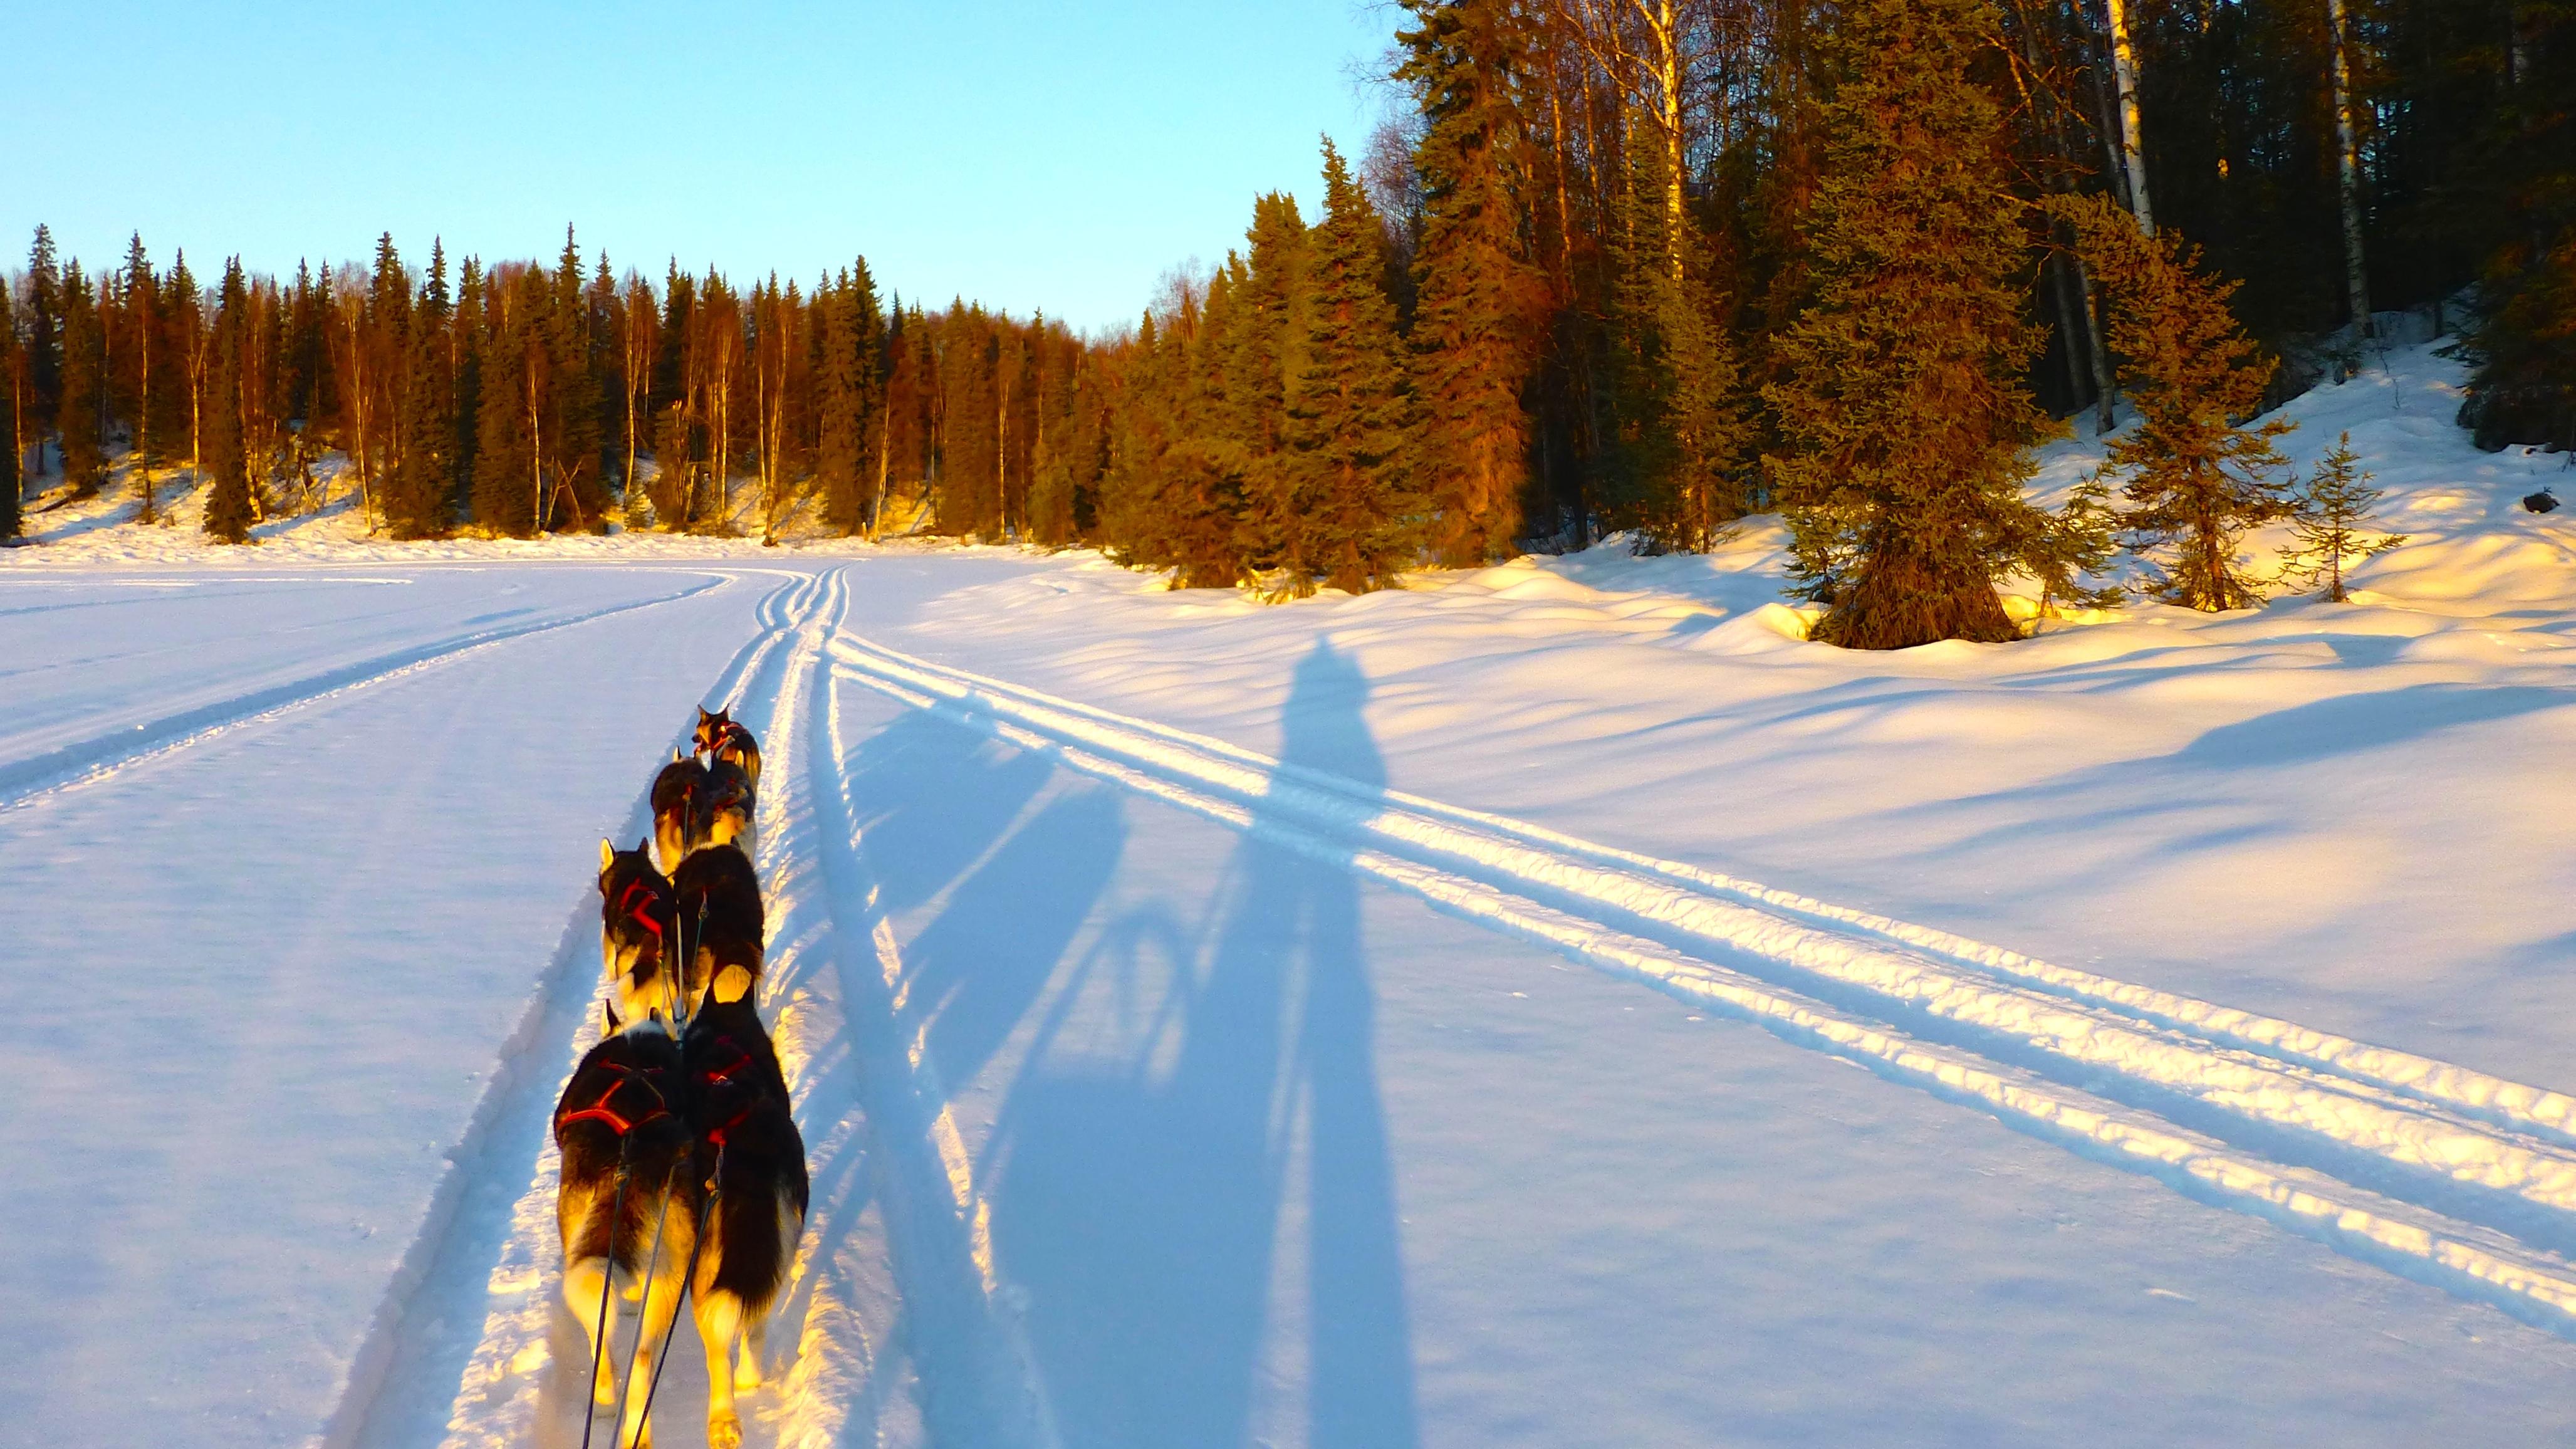 Schlittenhundegespann mit sieben Hunden beim Überqueren eines verschneiten Sees: Sechs Siberian Huskies und davor Raven, Alaskan Husky im Single Lead.